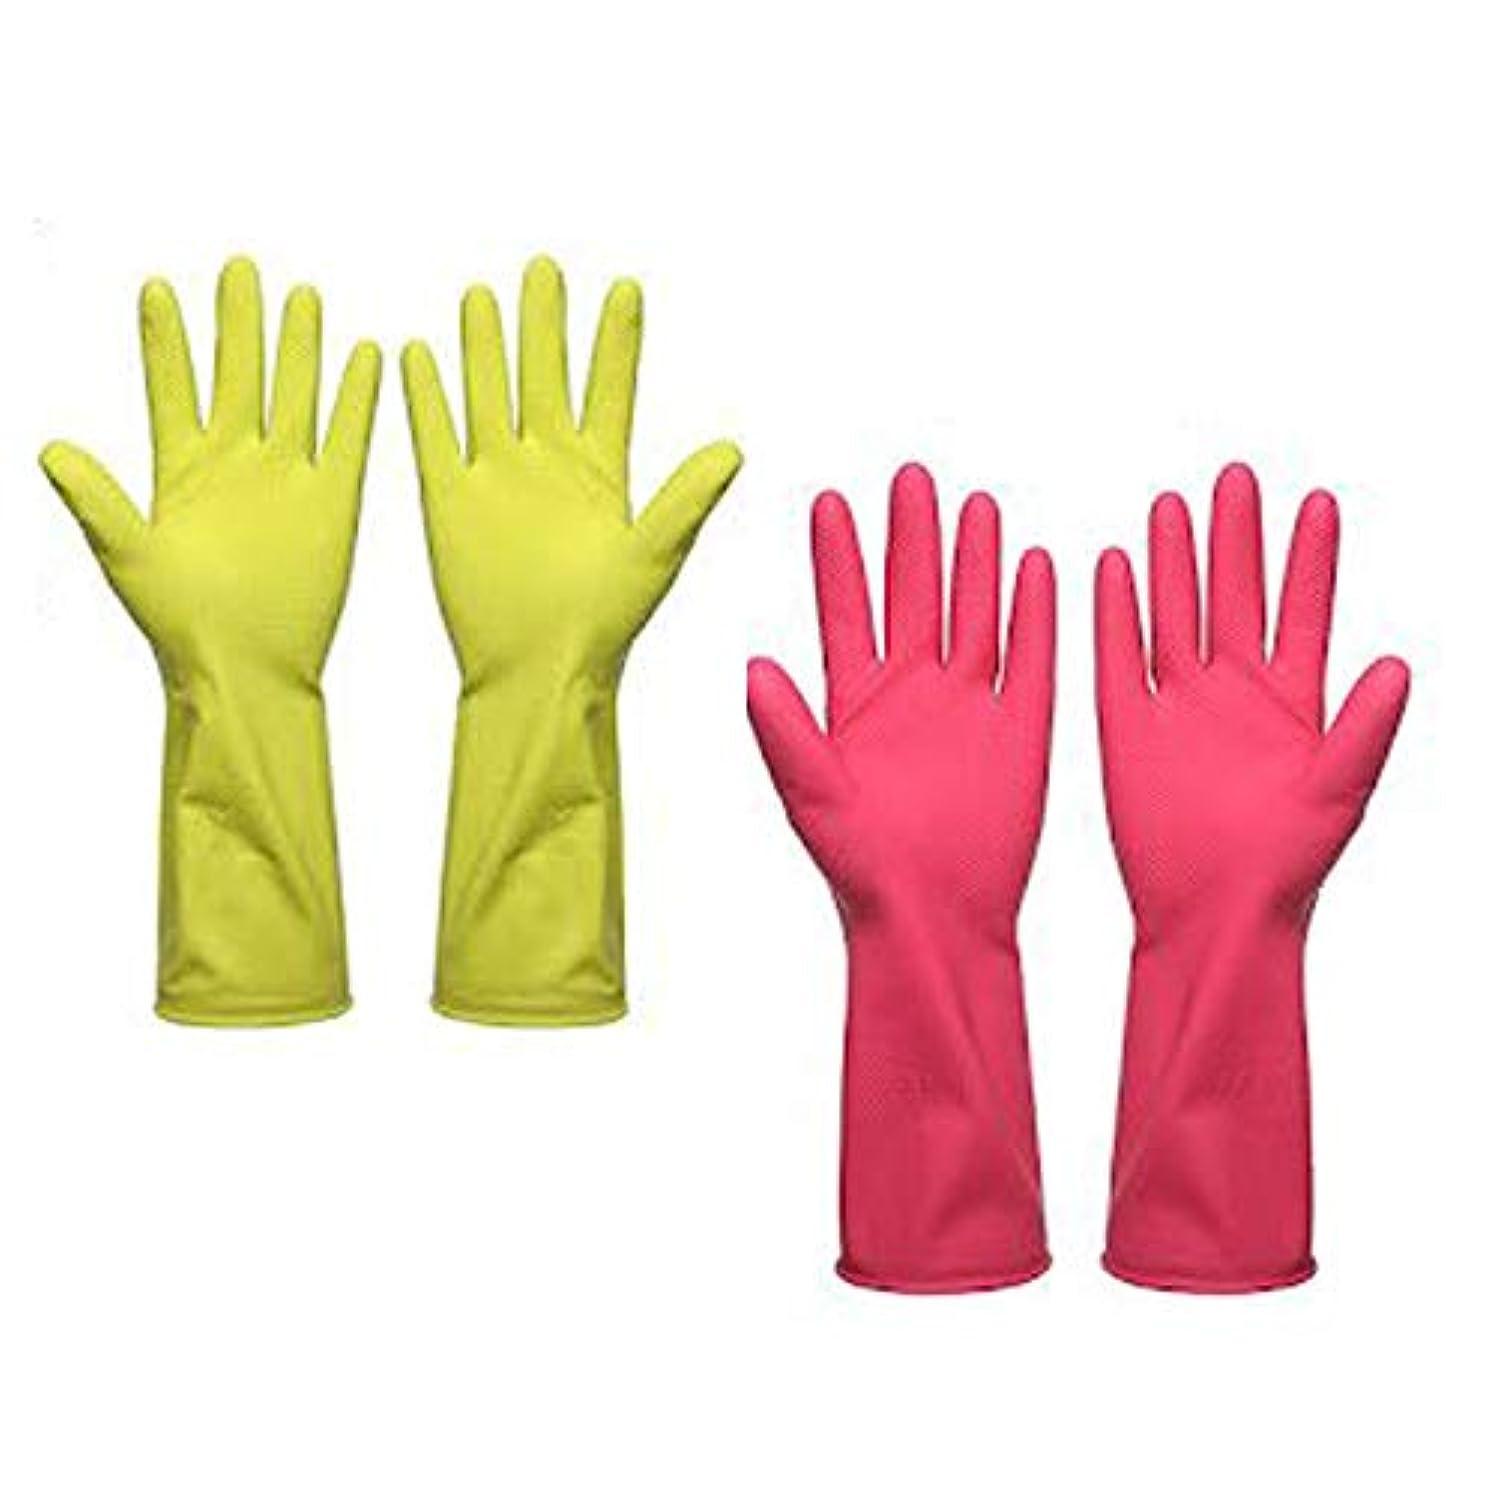 体細胞エンゲージメントテーブルゴム手袋 塩化ビニル樹脂 耐久性 防水 ピンクグリーン2組セット